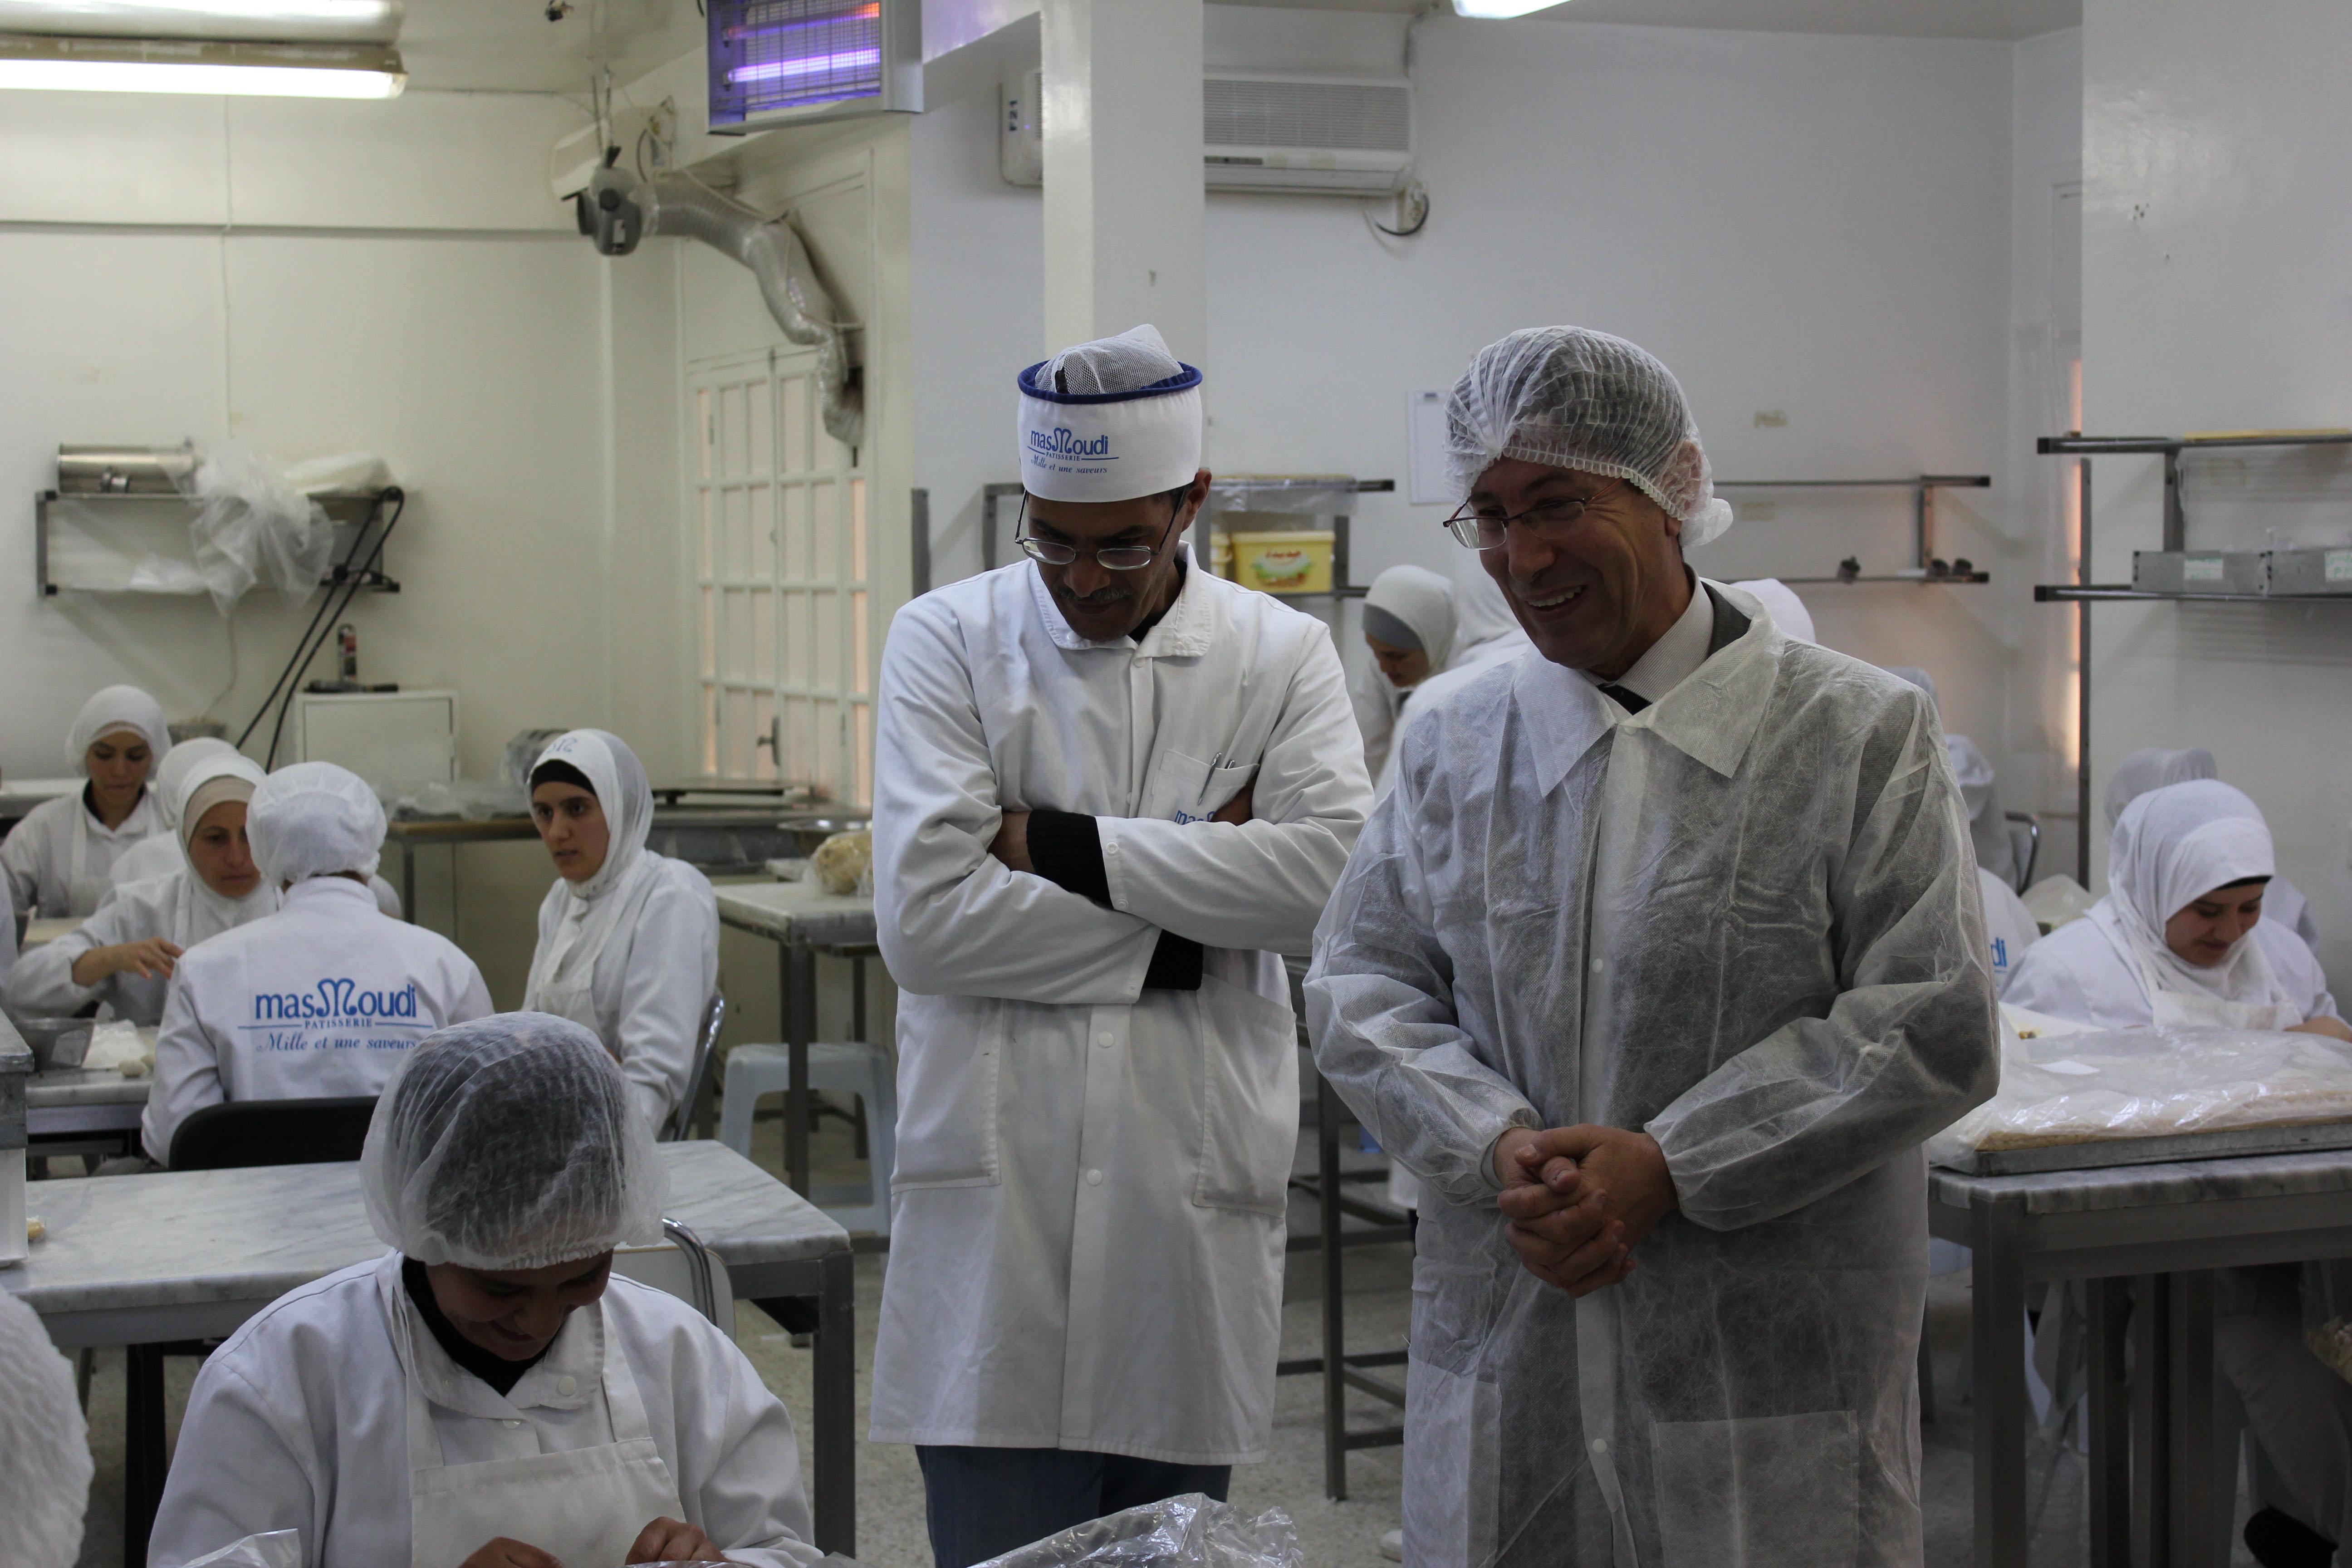 L\u0027ambiance familiale se retrouve dans l\u0027atelier de fabrication. (Photo CFJ  / M,L. A.)